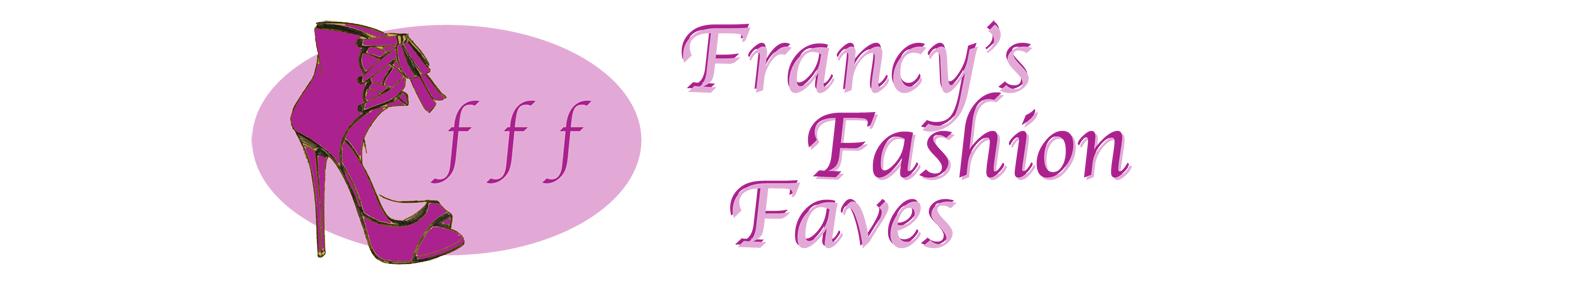 FrancysFashionFaves